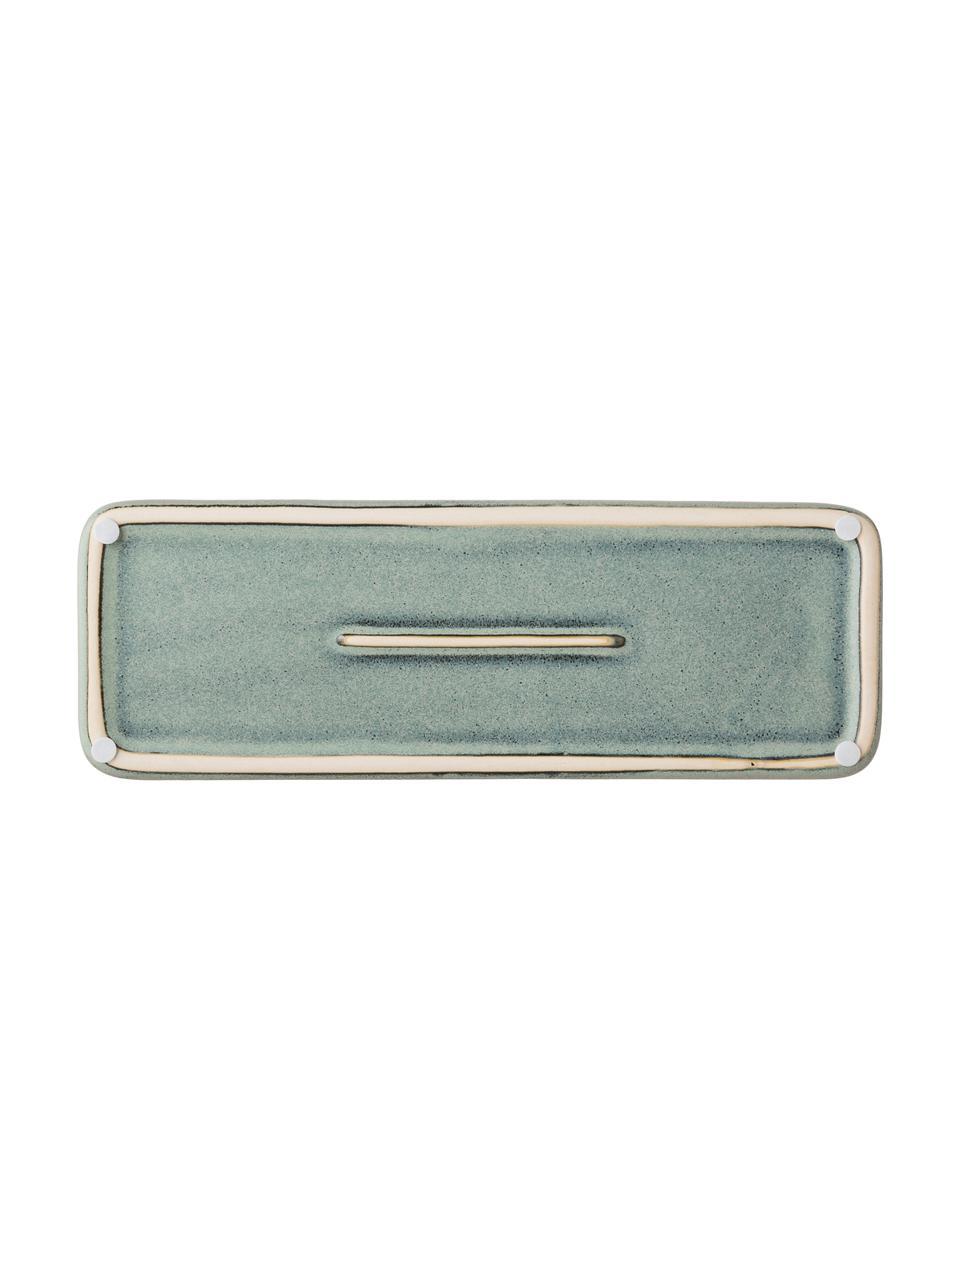 Vassoio Mila, Ceramica smaltata, Verde grigio, Lung. 27 x Alt. 3 cm